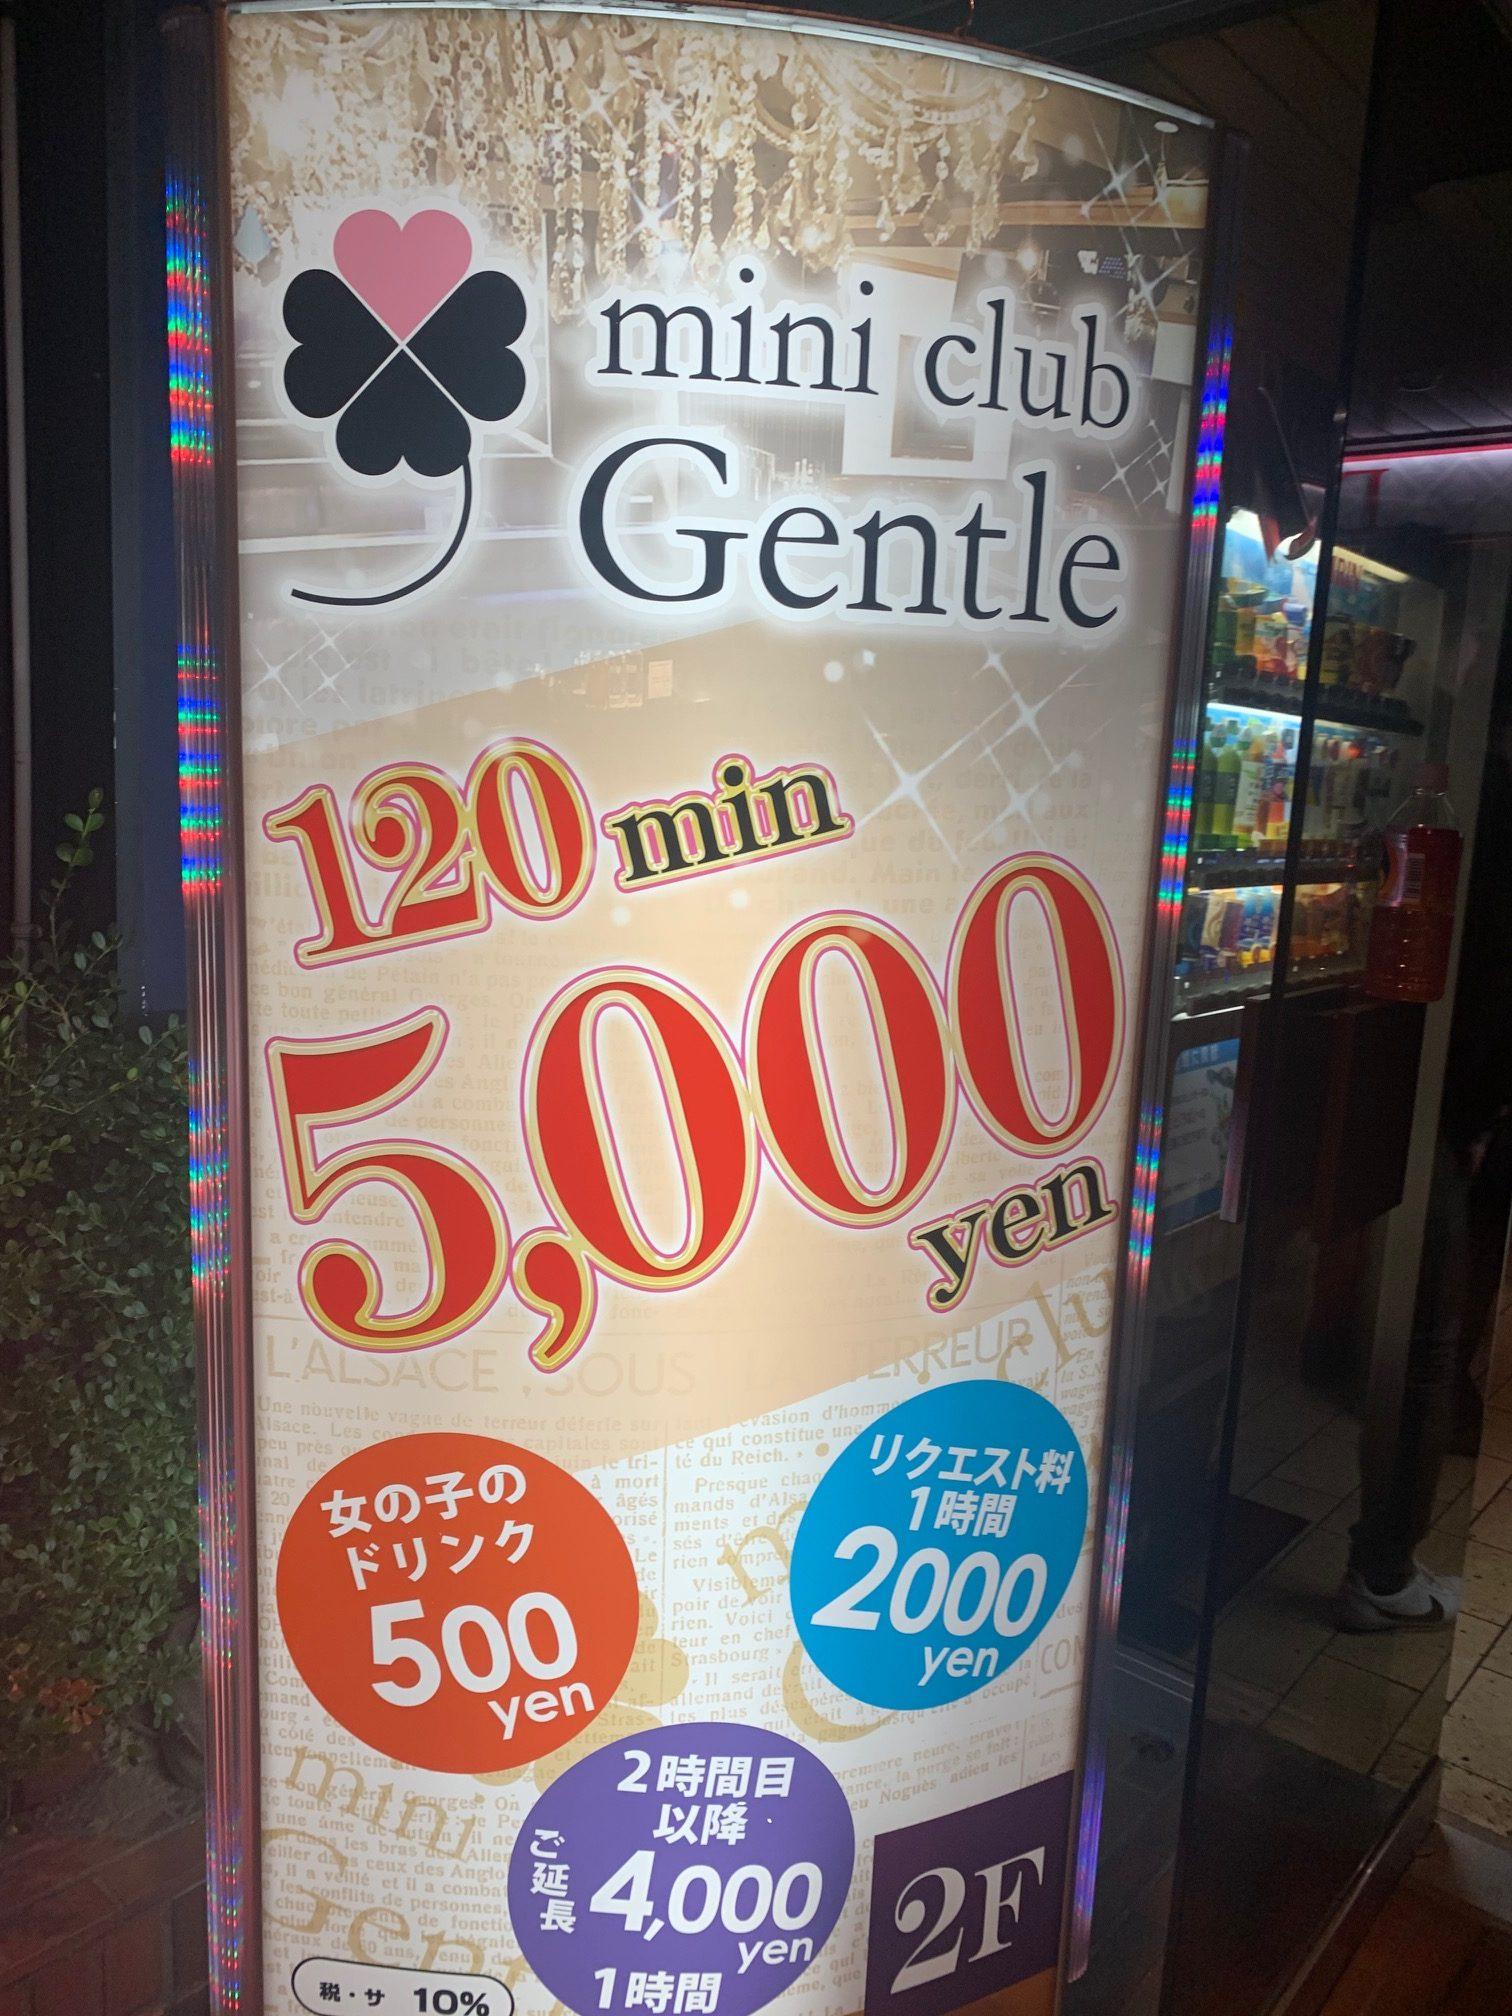 mini club Gentle